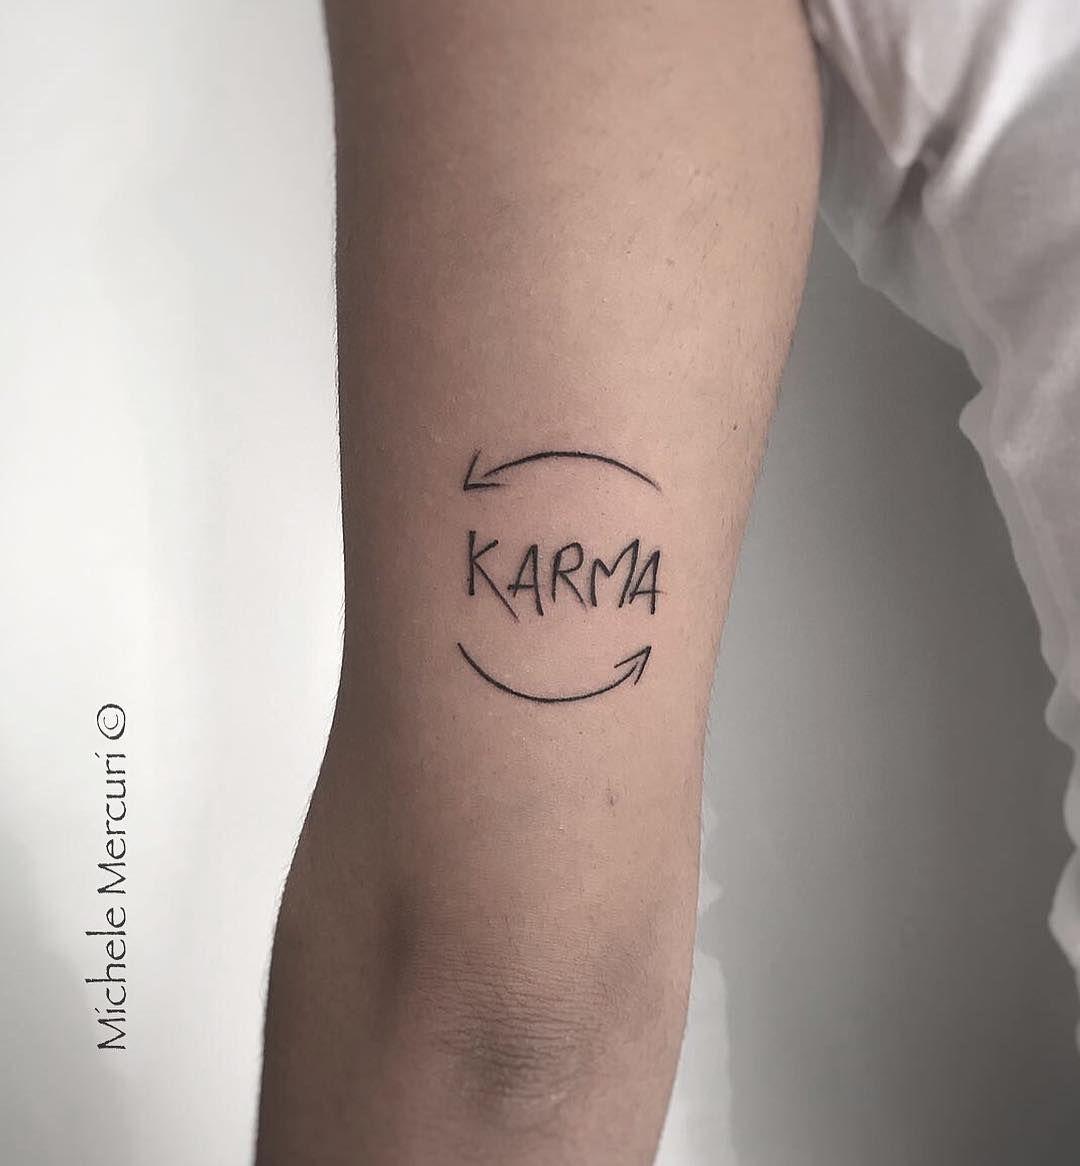 tatuajes karma